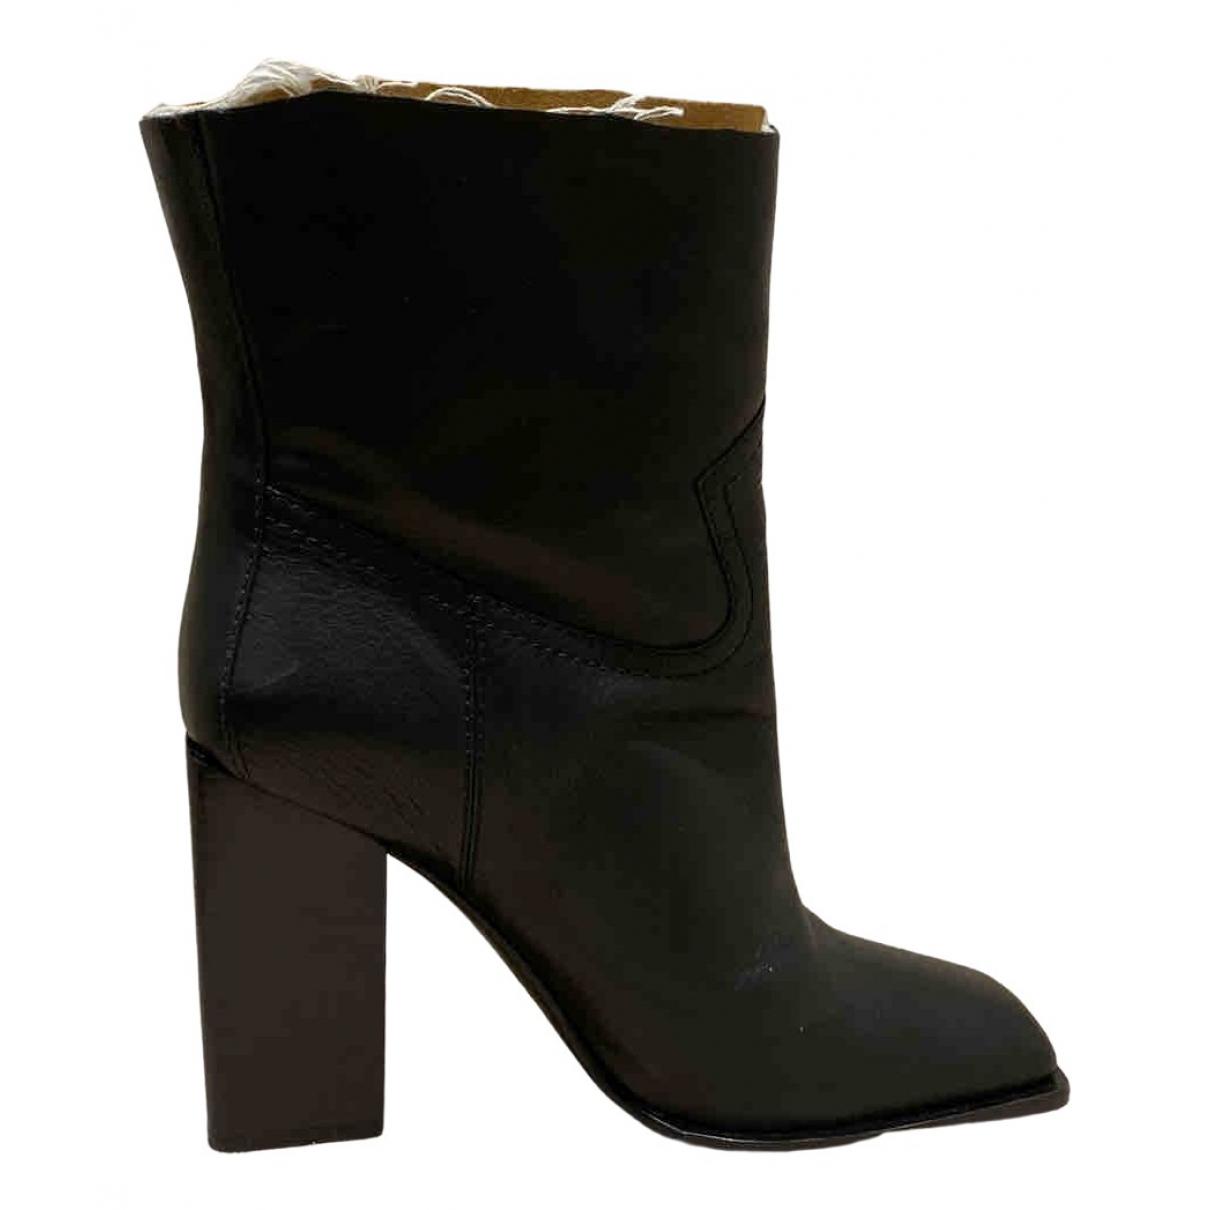 Saint Laurent N Black Leather Boots for Women 39.5 EU